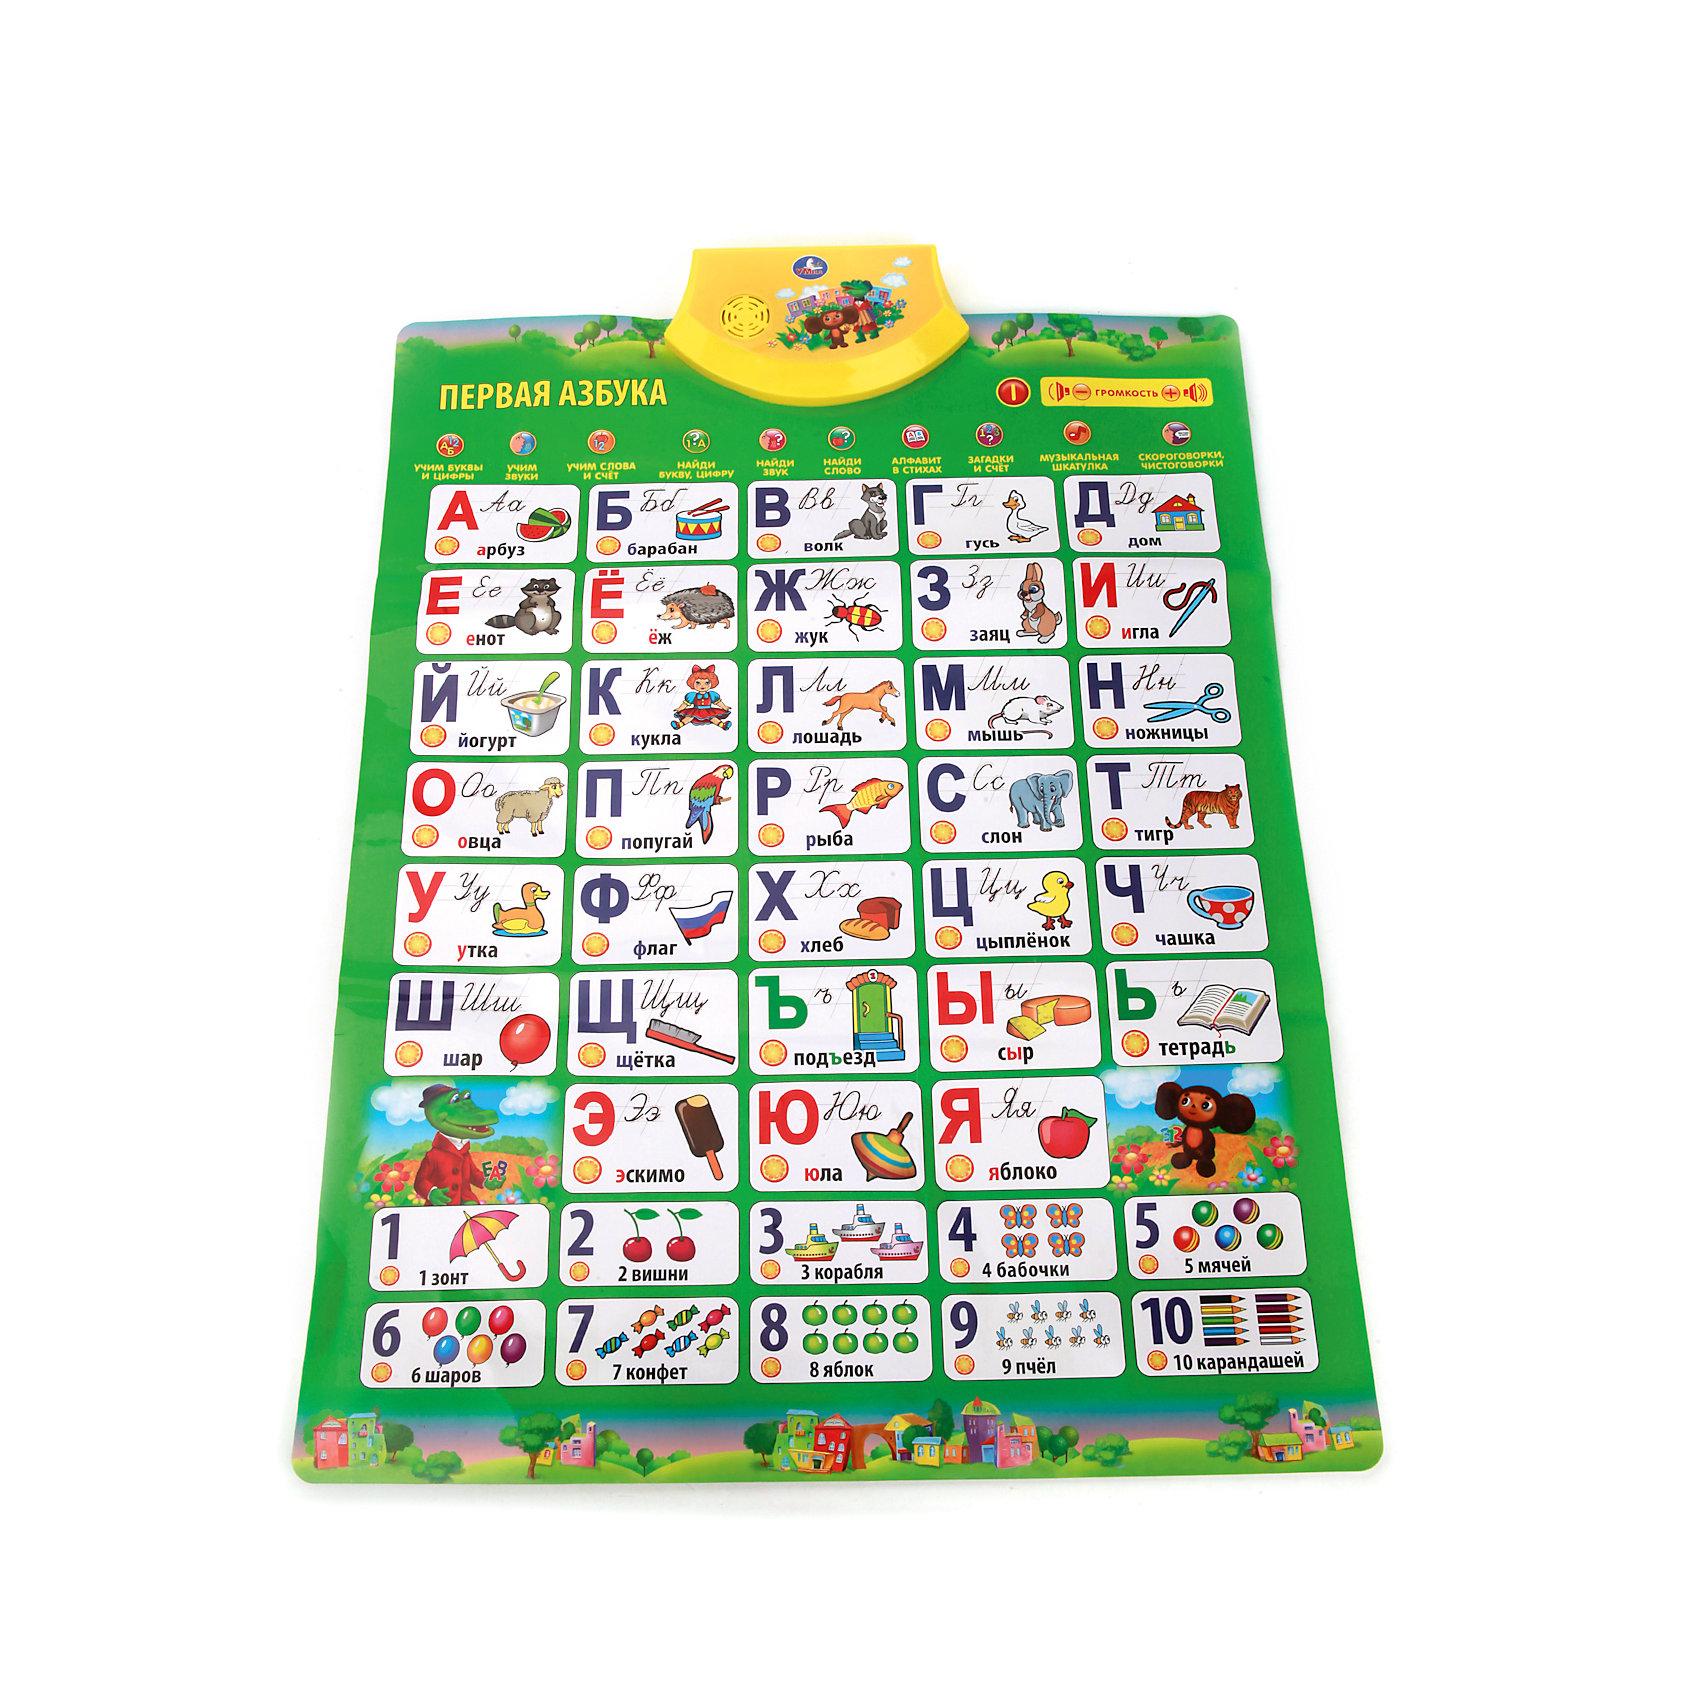 Обучающий плакат Первая азбука с крокодилом Геной и Чебурашкой, УмкаСоветские мультфильмы<br>Характеристики товара:<br><br>• возраст: от 3 лет;<br>• материал: пластик;<br>• упаковка: картонная коробка;<br>• размер плаката: 55х44х0,2 см.;<br>• вес: 280 гр.;<br>• элементы питания: 3 x AA / LR6 1.5V (пальчиковые);<br>• батарейки: в комплекте;<br>• страна  бренда: Россия;<br>• страна изготовитель: Китай.<br><br>Обучающий плакат «Первая азбука с крокодилом Геной и Чебурашкой», Умка -  этот говорящий электронный плакат с любимыми героями мультфильма, познакомит Вашего малыша с буквами, цифрами и поможет быстрее научиться читать и считать. <br><br>Плакат можно повесить на стену или заниматься на столе. Громкость звука плаката легко регулируется, для экономии батареек плакат автоматически выключается, если ребенок перестает заниматься. <br>  <br>10 режимов обучения и игры: 43 стихотворения про буквы цифры; 43 загадки про буквы и цифры; 9 чистоговорок; 3 скороговорки; 3 мелодии из мультфильма. <br><br>Сделан из прочного высококачественного материала.<br><br>Обучающий плакат «Первая азбука с крокодилом Геной и Чебурашкой», Умка можно купить в нашем интернет-магазине.<br><br>Ширина мм: 2<br>Глубина мм: 440<br>Высота мм: 550<br>Вес г: 280<br>Возраст от месяцев: 36<br>Возраст до месяцев: 60<br>Пол: Унисекс<br>Возраст: Детский<br>SKU: 6918833